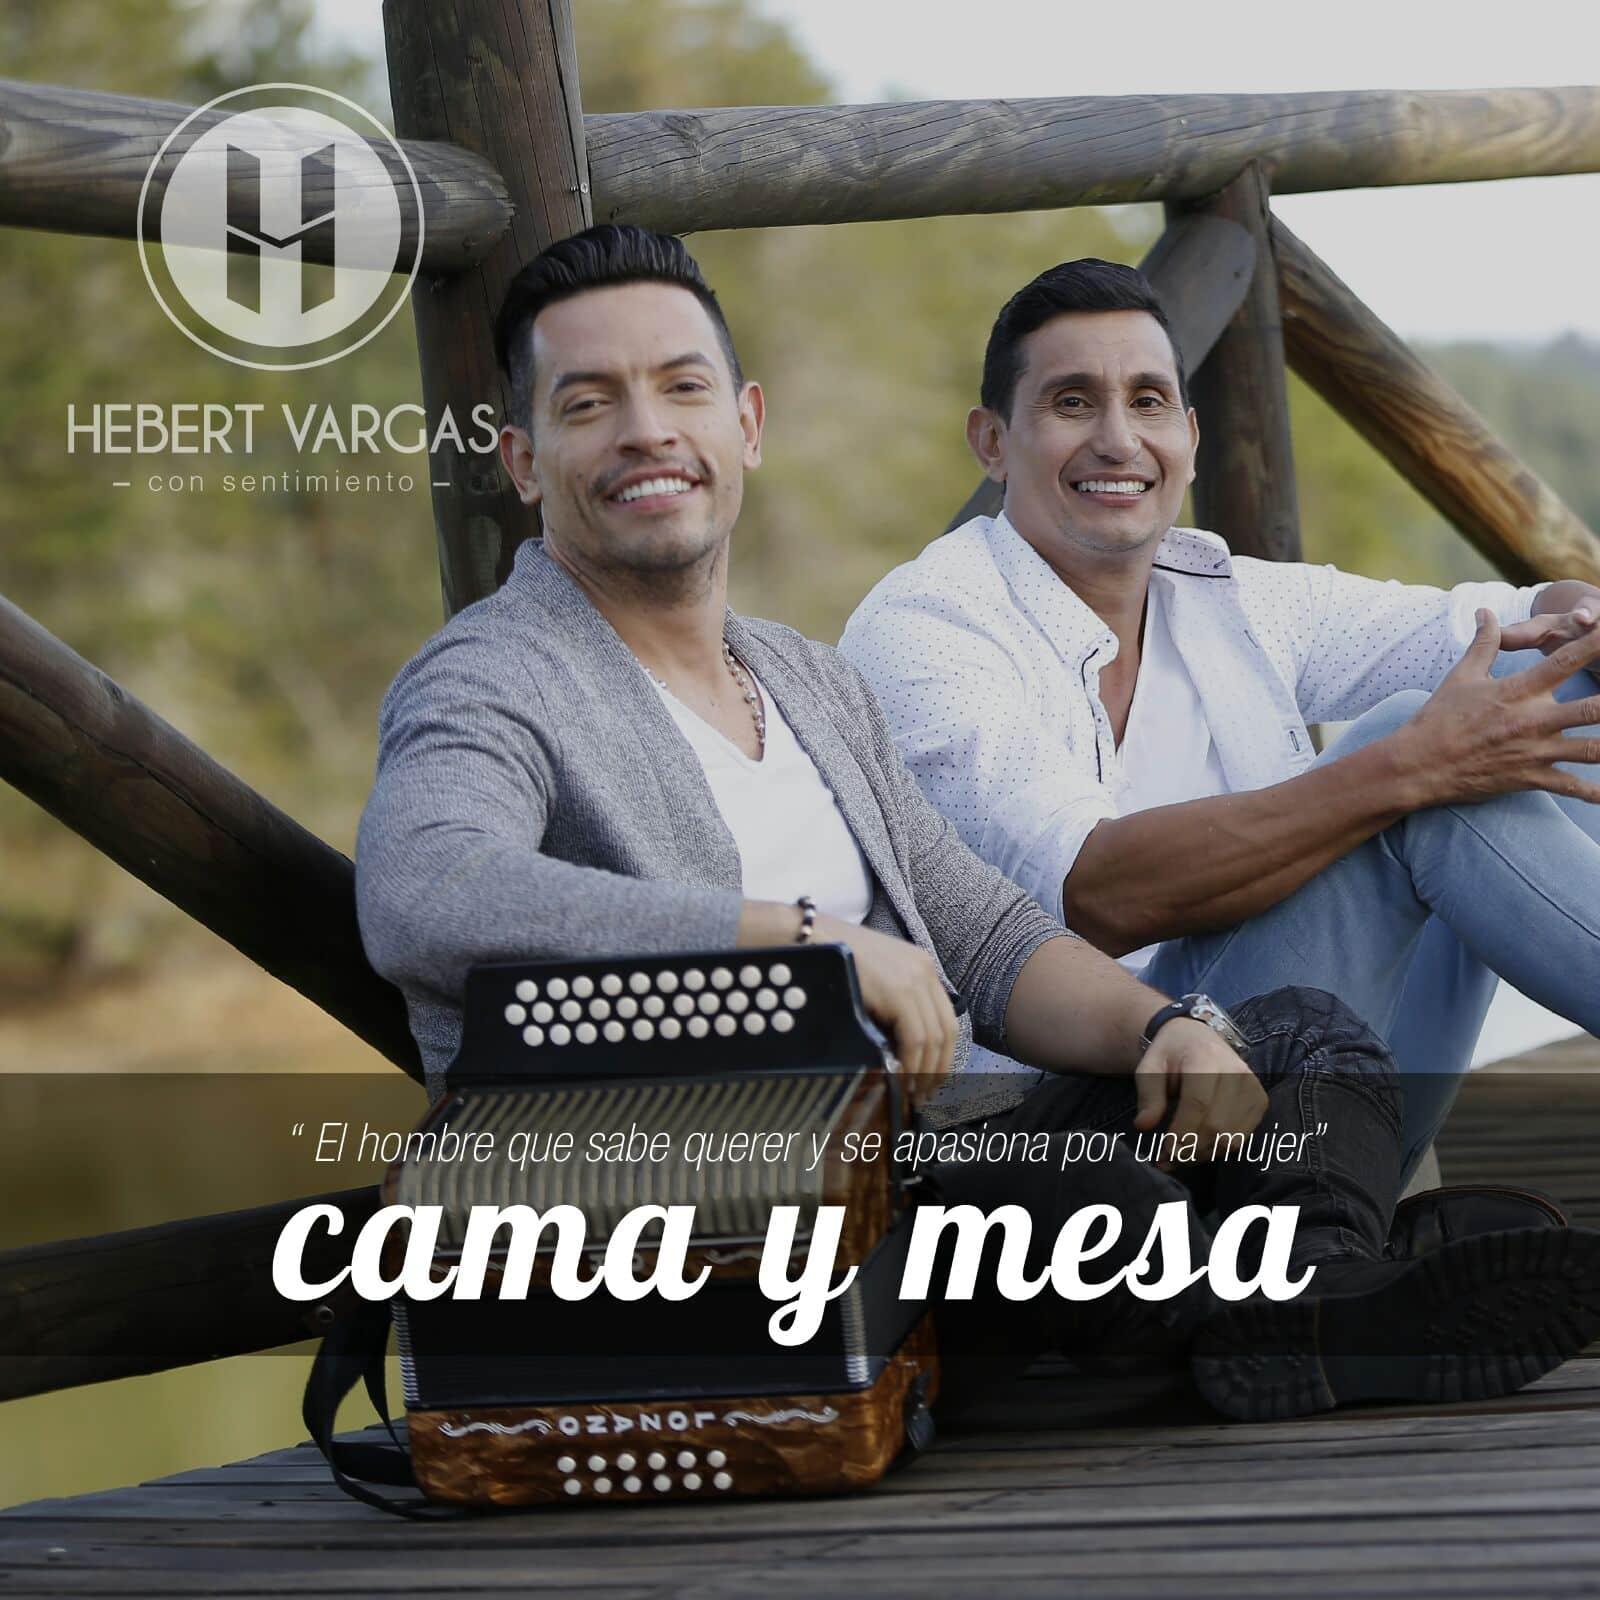 CAMA Y MESA - Hebert Vargas